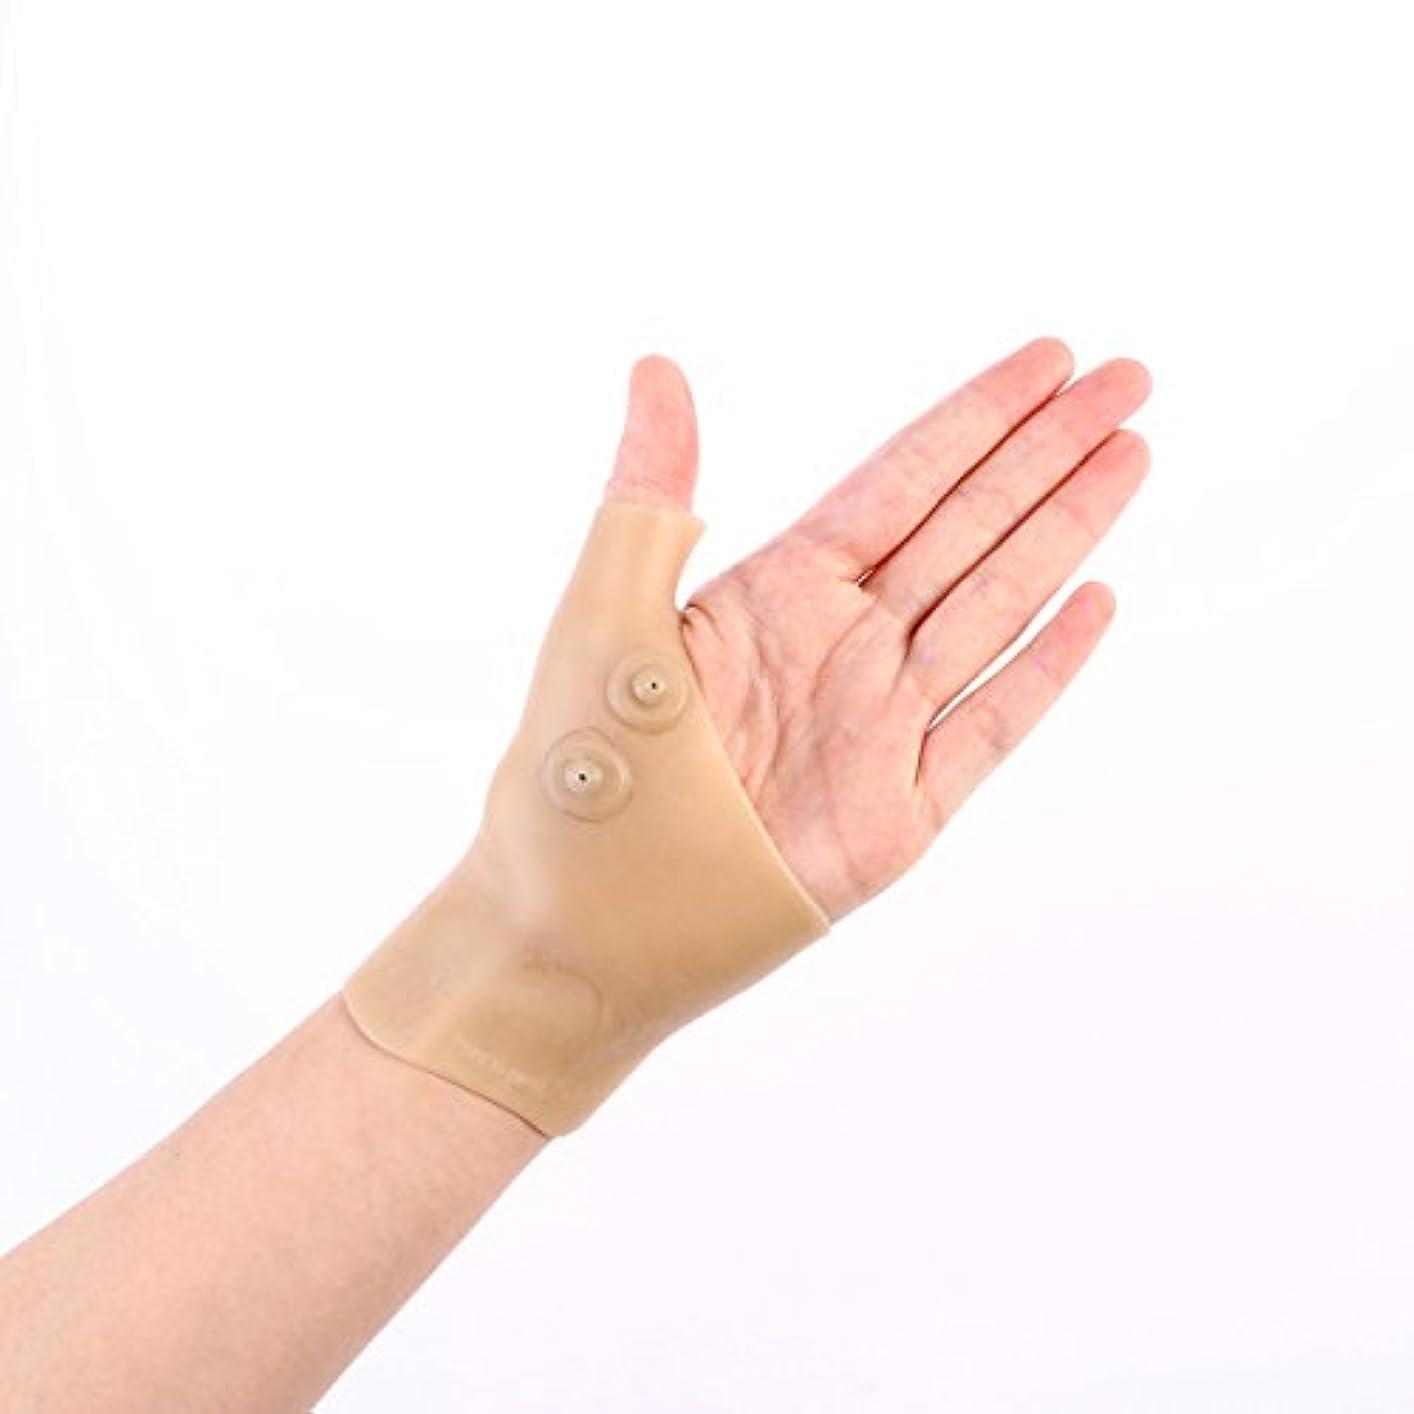 処分した鋼消費者Healifty 首サポートブレース シリコンゲル 腱鞘炎 バネ指 手首の親指の痛みを和らげる 2個